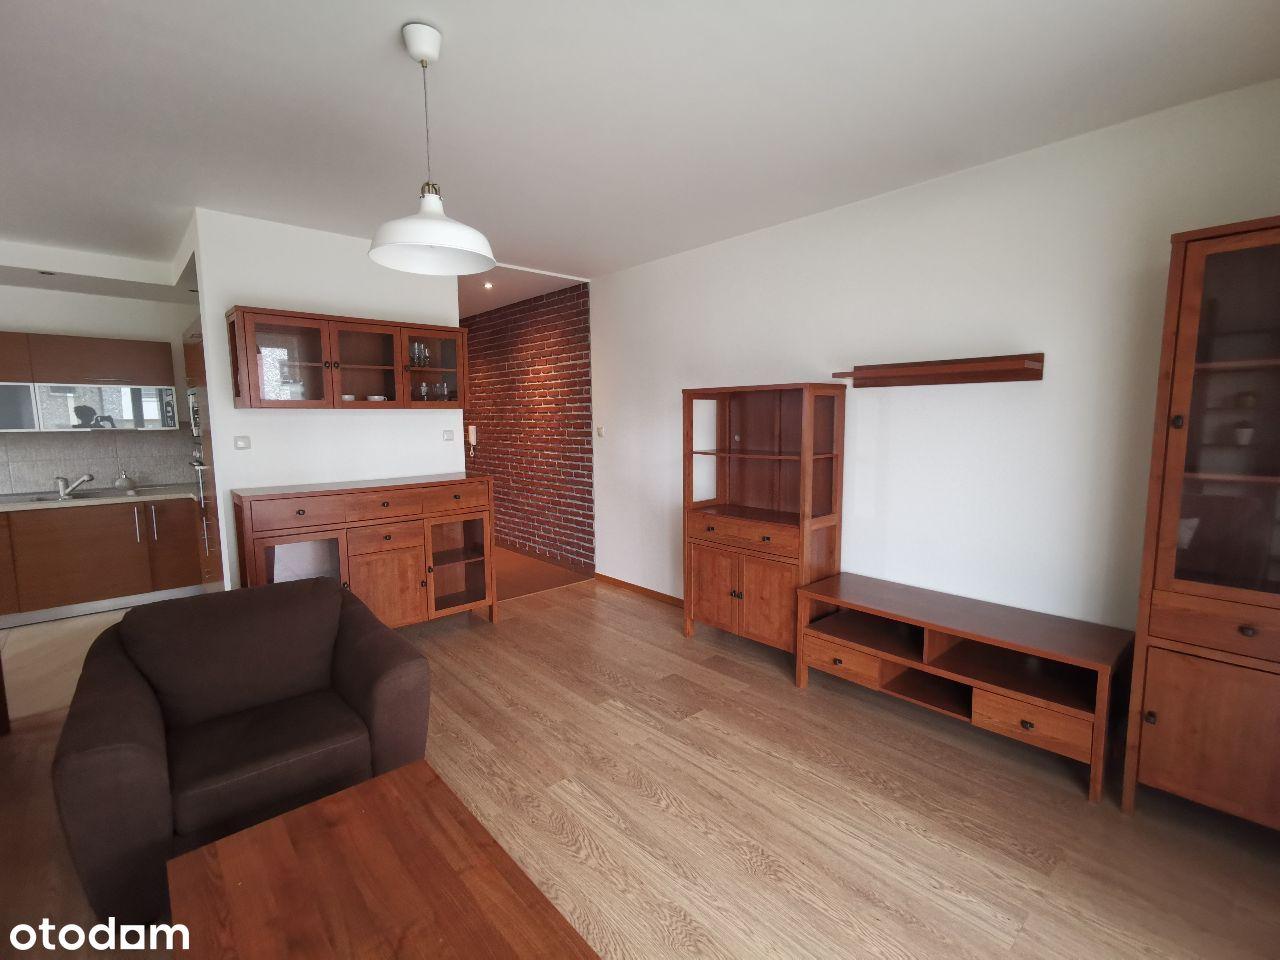 Złote Wzgórze - 3 pokojowe mieszkanie + garaż